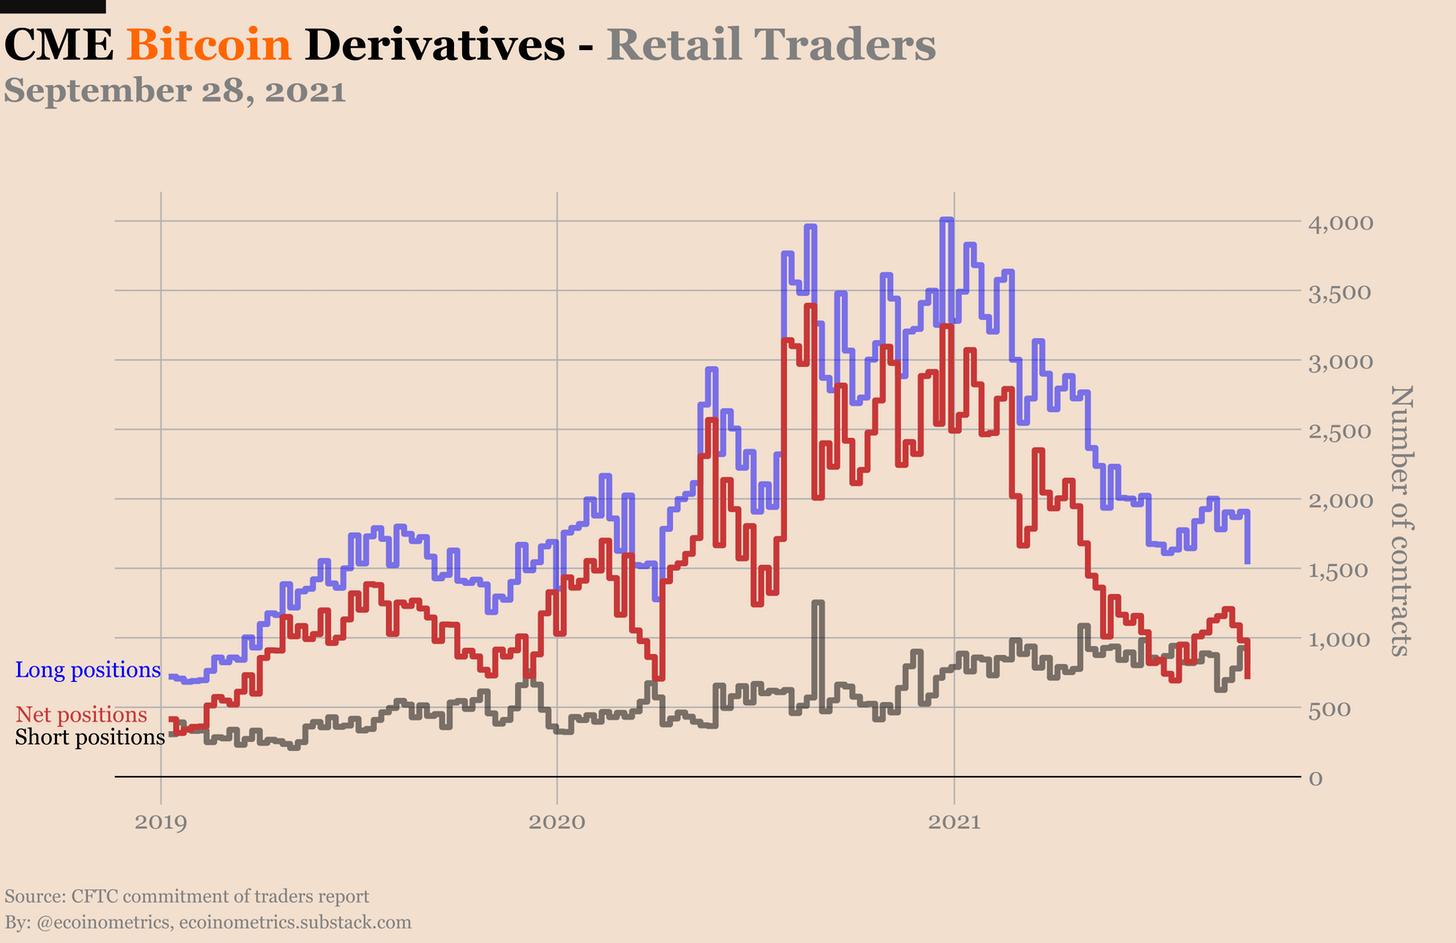 Derivati Bitcoin sul CME - trader retail